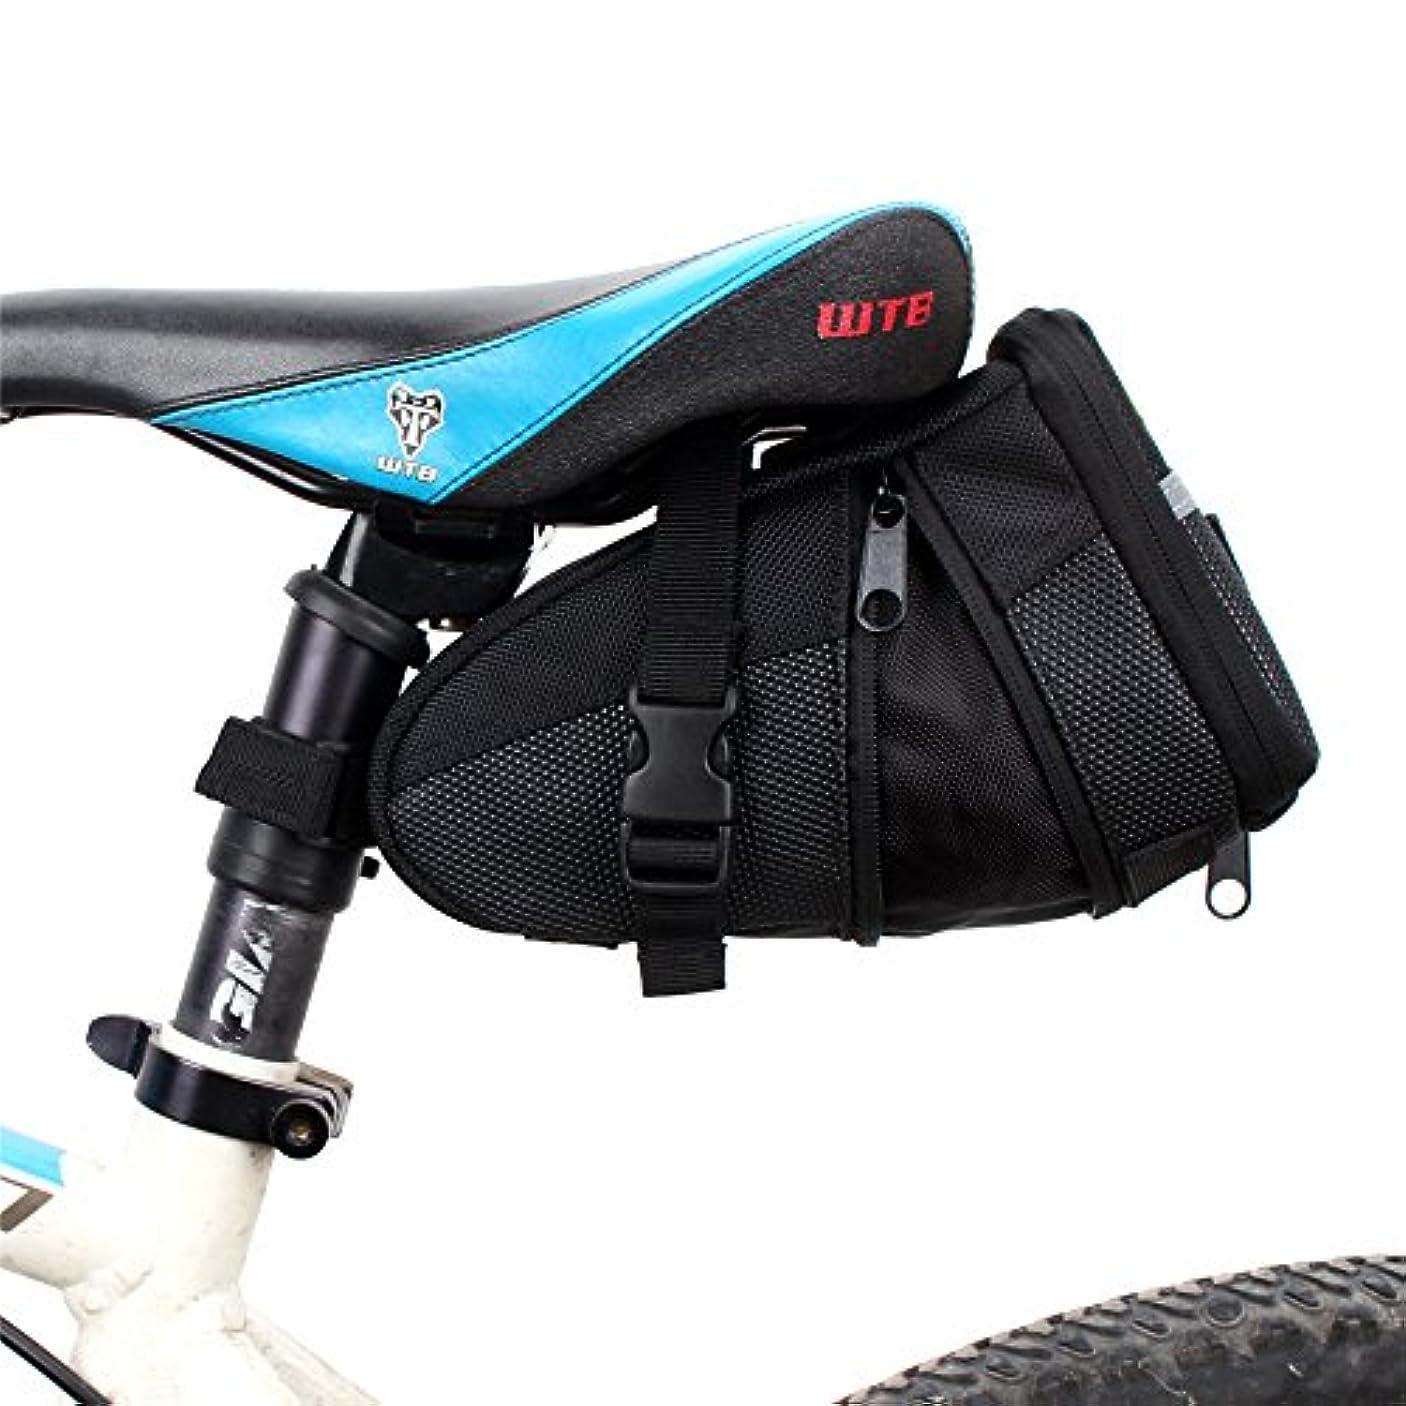 市長ビジョン未知の自転車シートパックバッグ 屋外の自転車の座席サドルバッグの椅子袋、乗馬のくさびの自転車の革紐の自転車のサドル袋の座席袋の自転車袋 自転車サドルバッグ